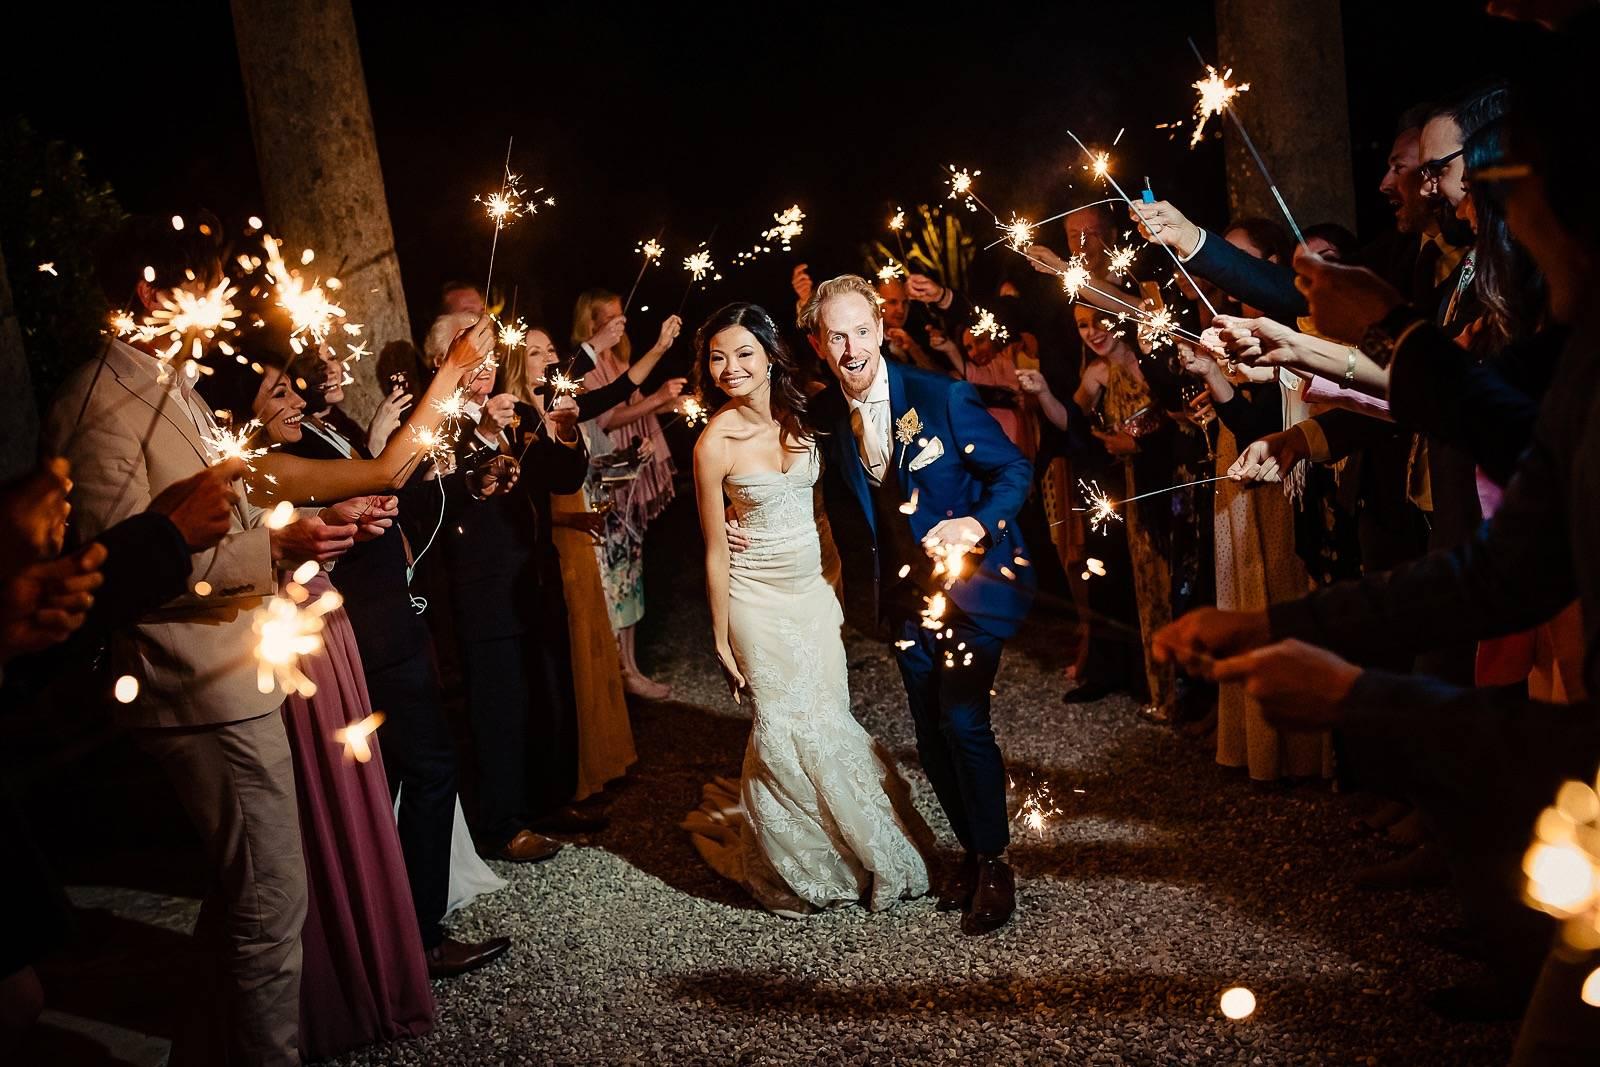 Eppel Fotografie - Trouwfotograaf - Huwelijksfotograaf - House of Weddings - 17